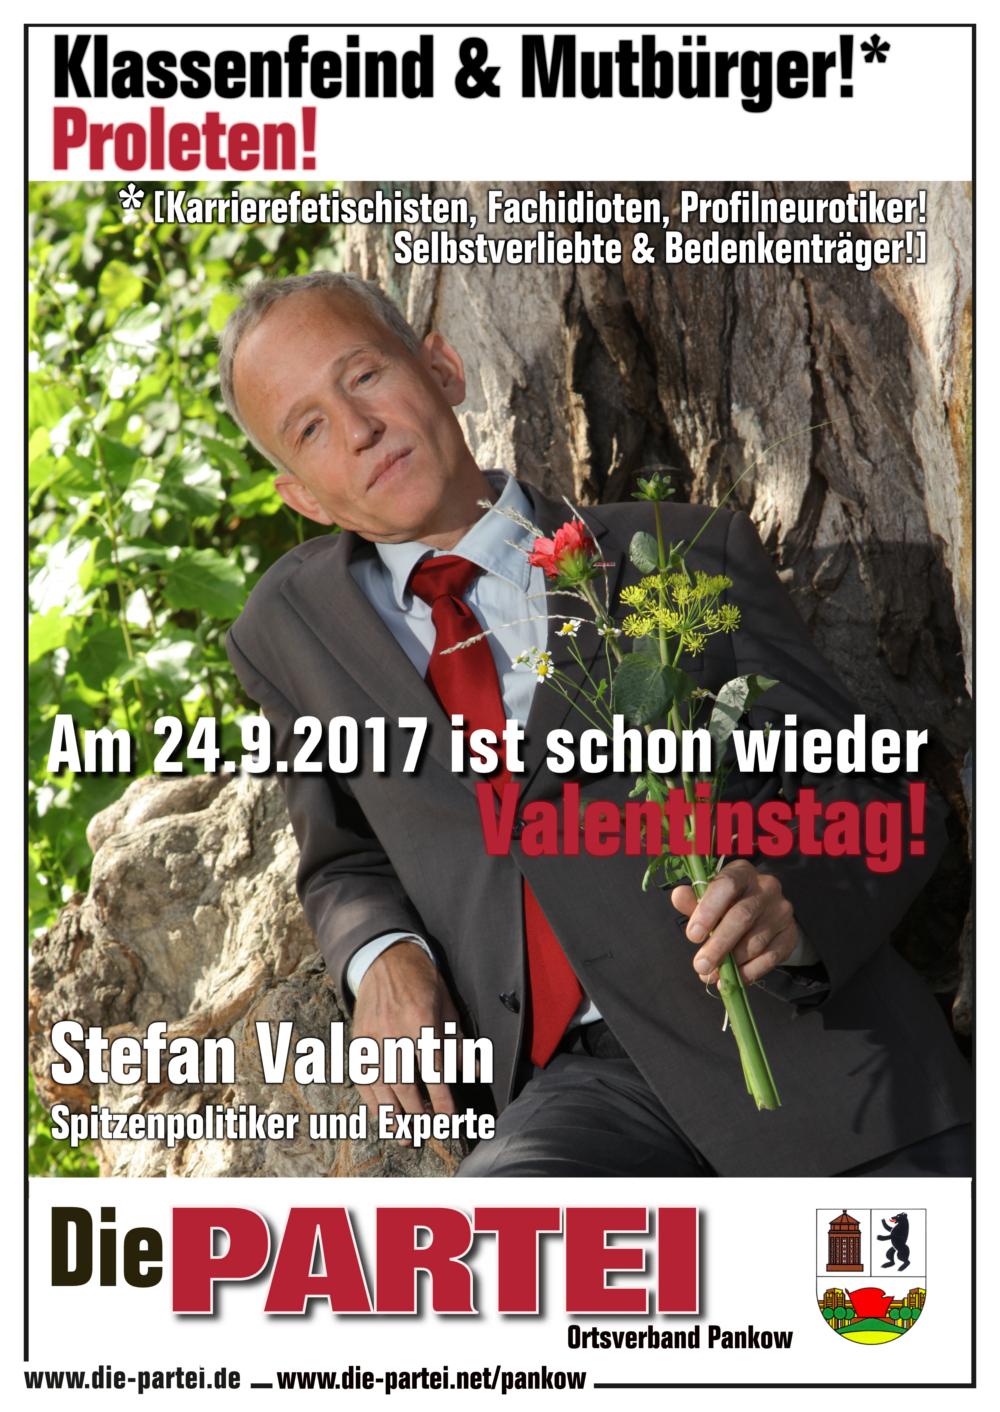 Anwesend Sein Werden Mitglieder Von Die PARTEI Pankow (darunter Unser 2.  Vorsitzender S. Valentin, Zwinkerzwonker).